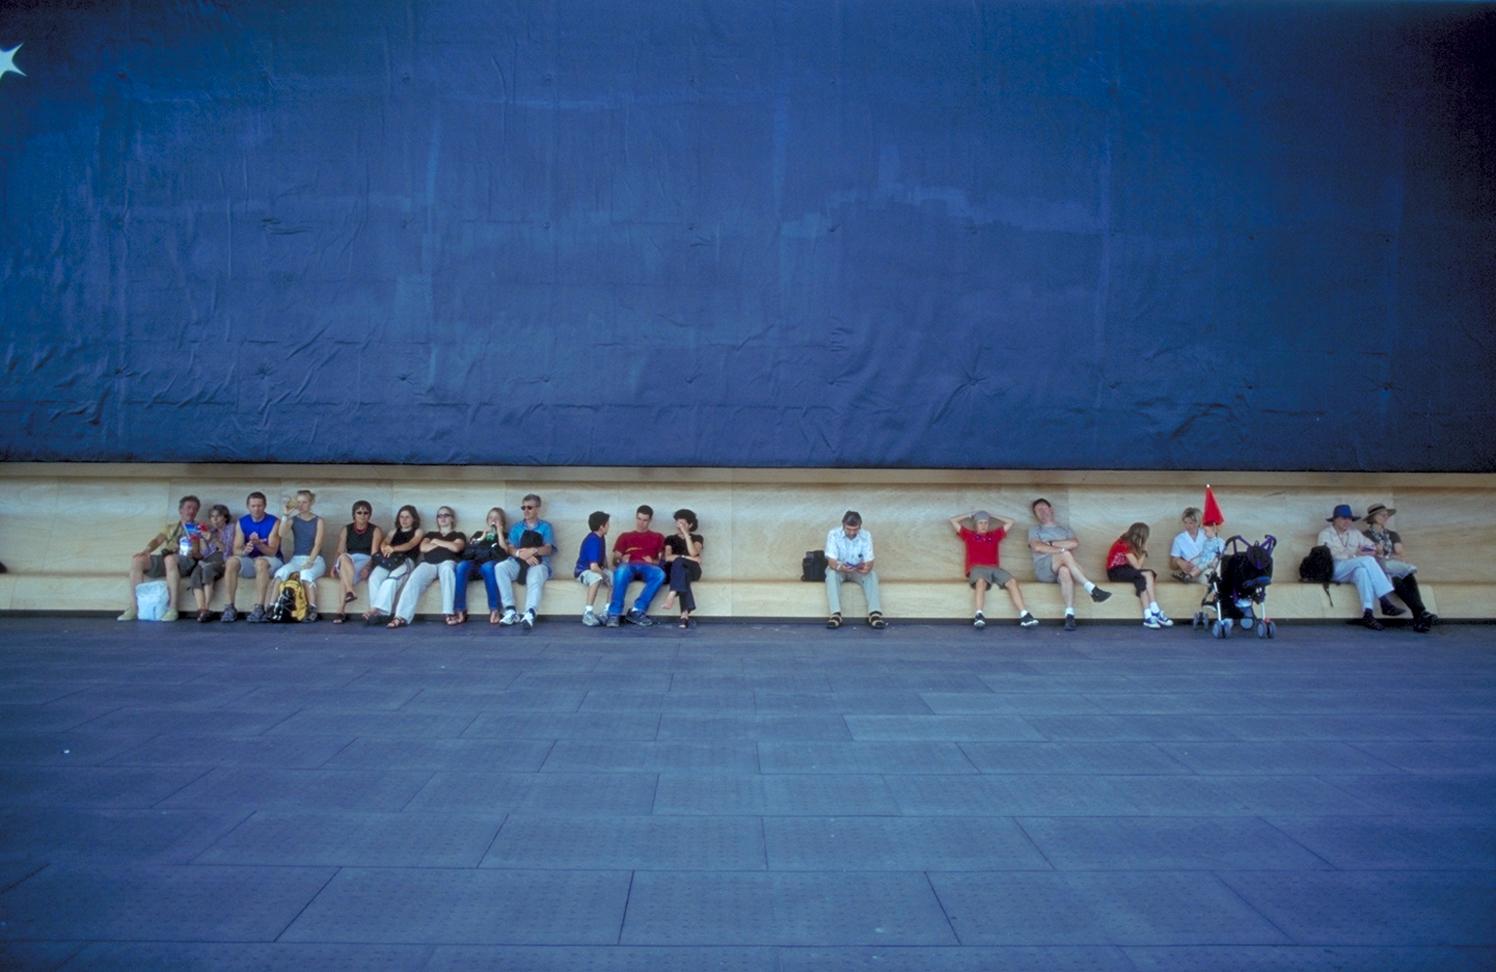 Expo Schweiz 2002, bdla-Baden-Württemberg